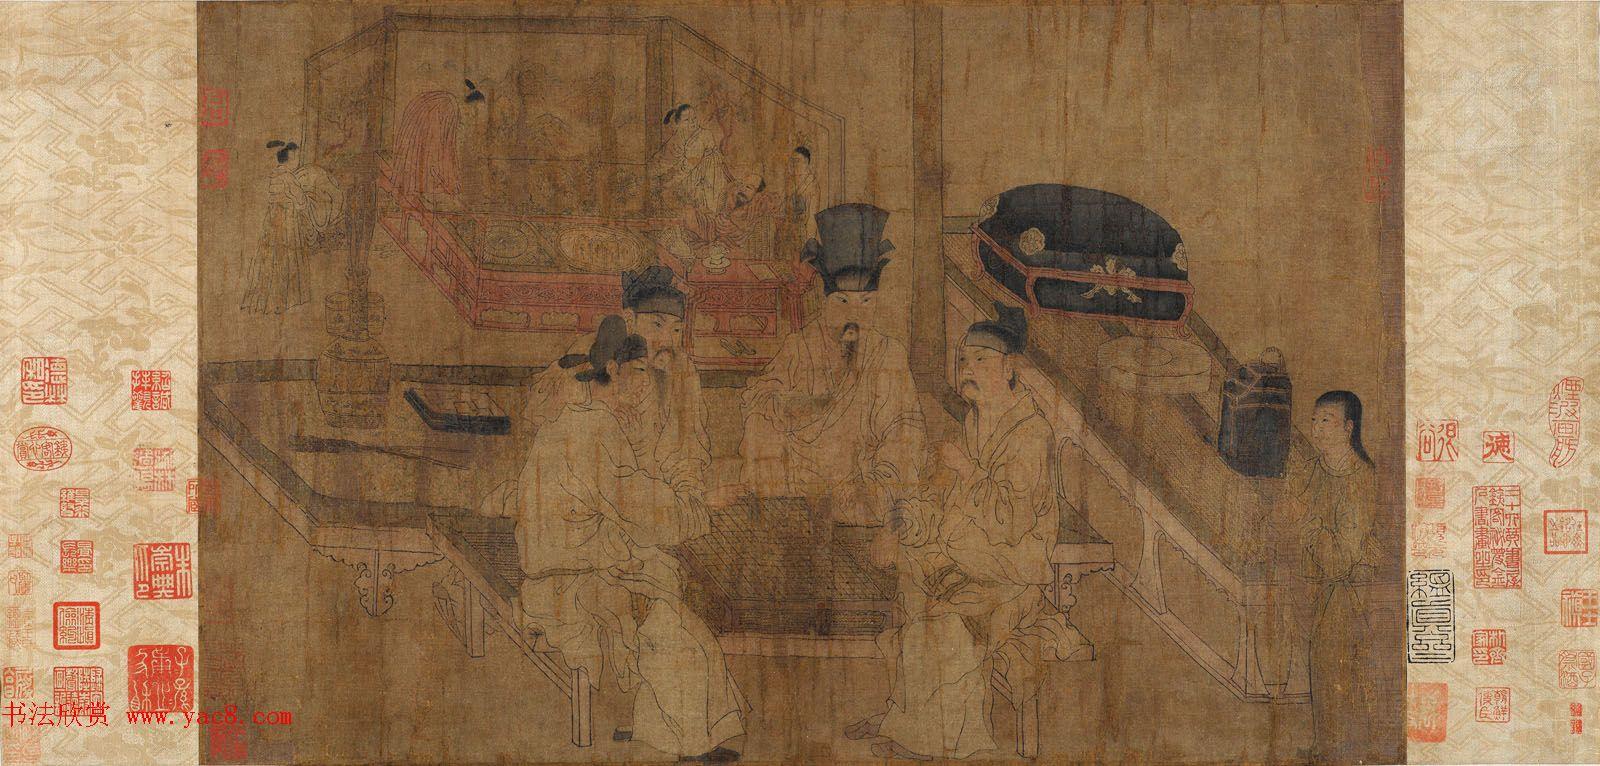 五代南唐画家周文矩《重屏会棋图》两种